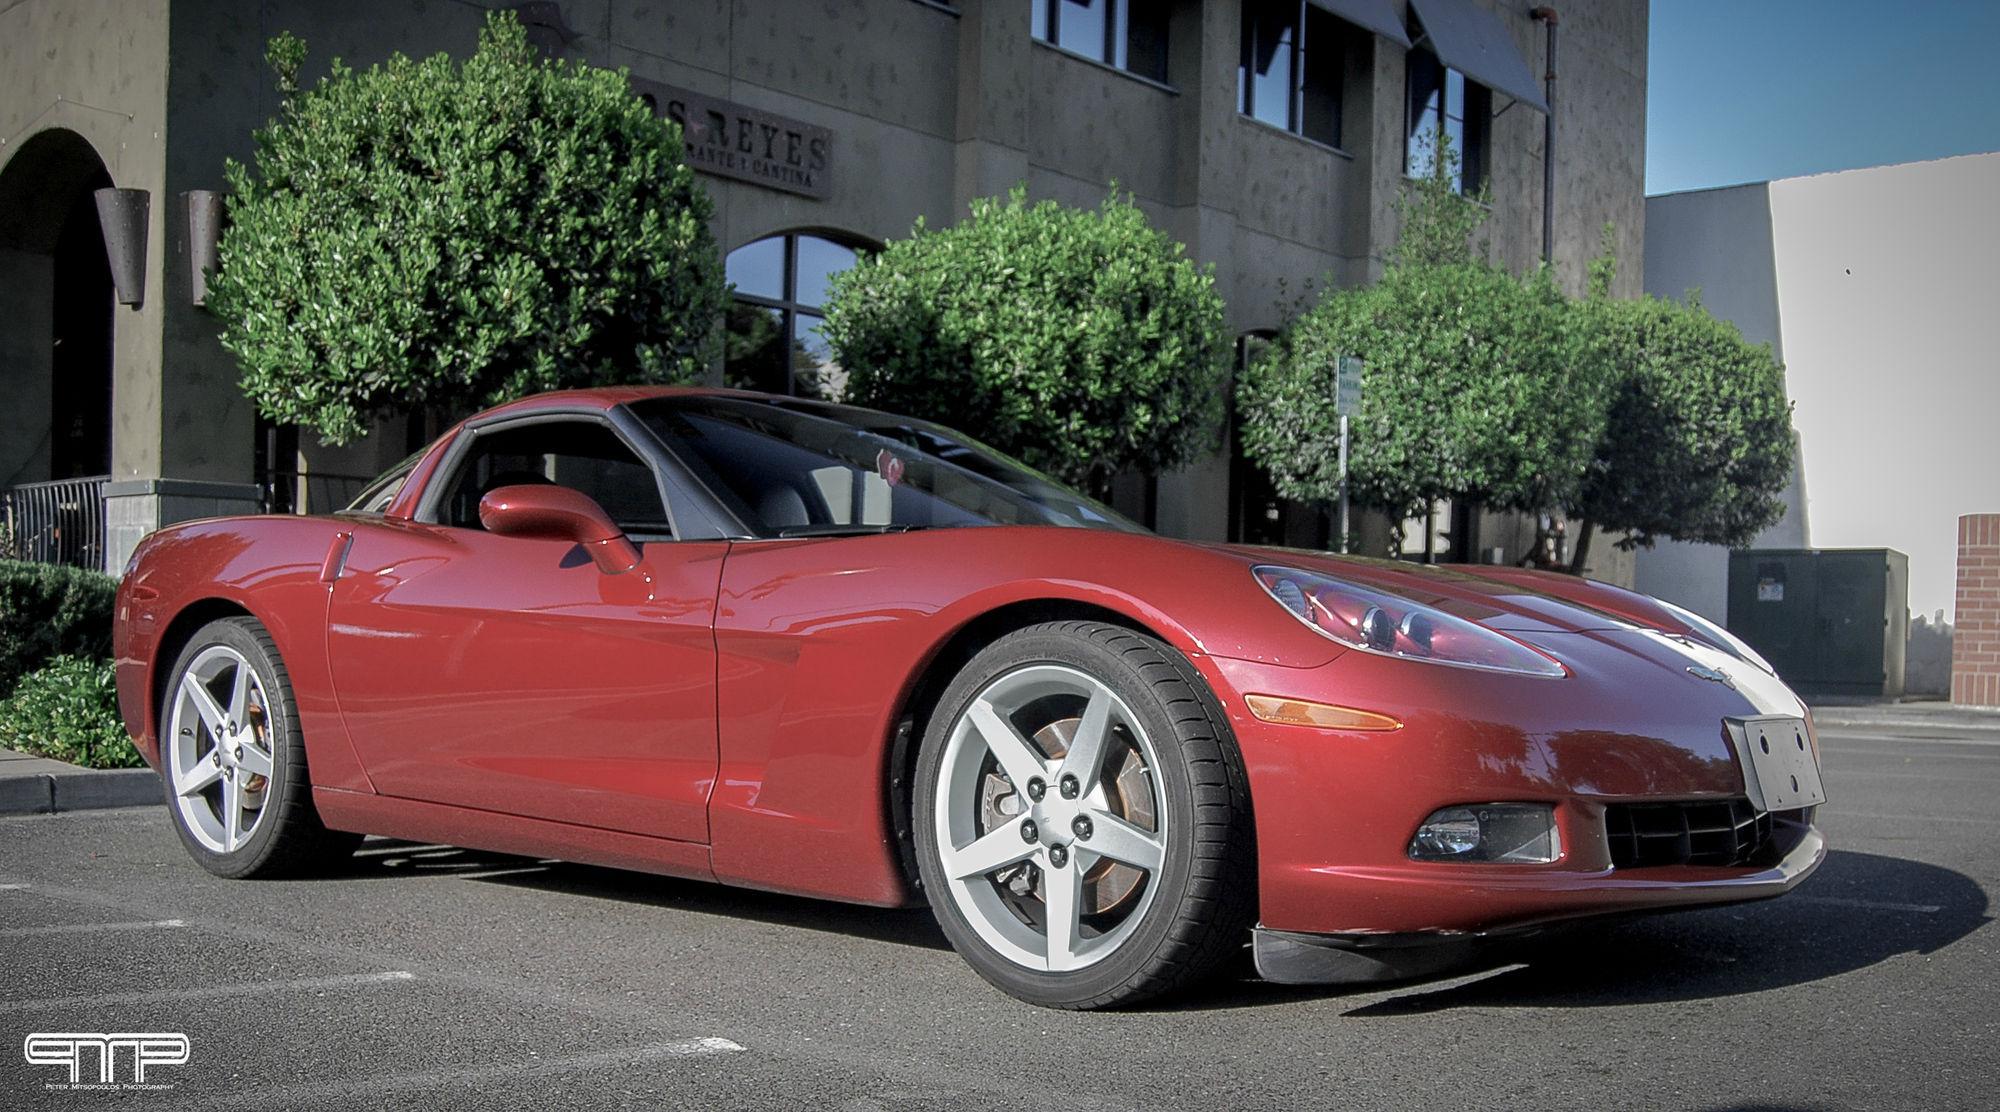 2009 Chevrolet Corvette | Chevrolet Corvette